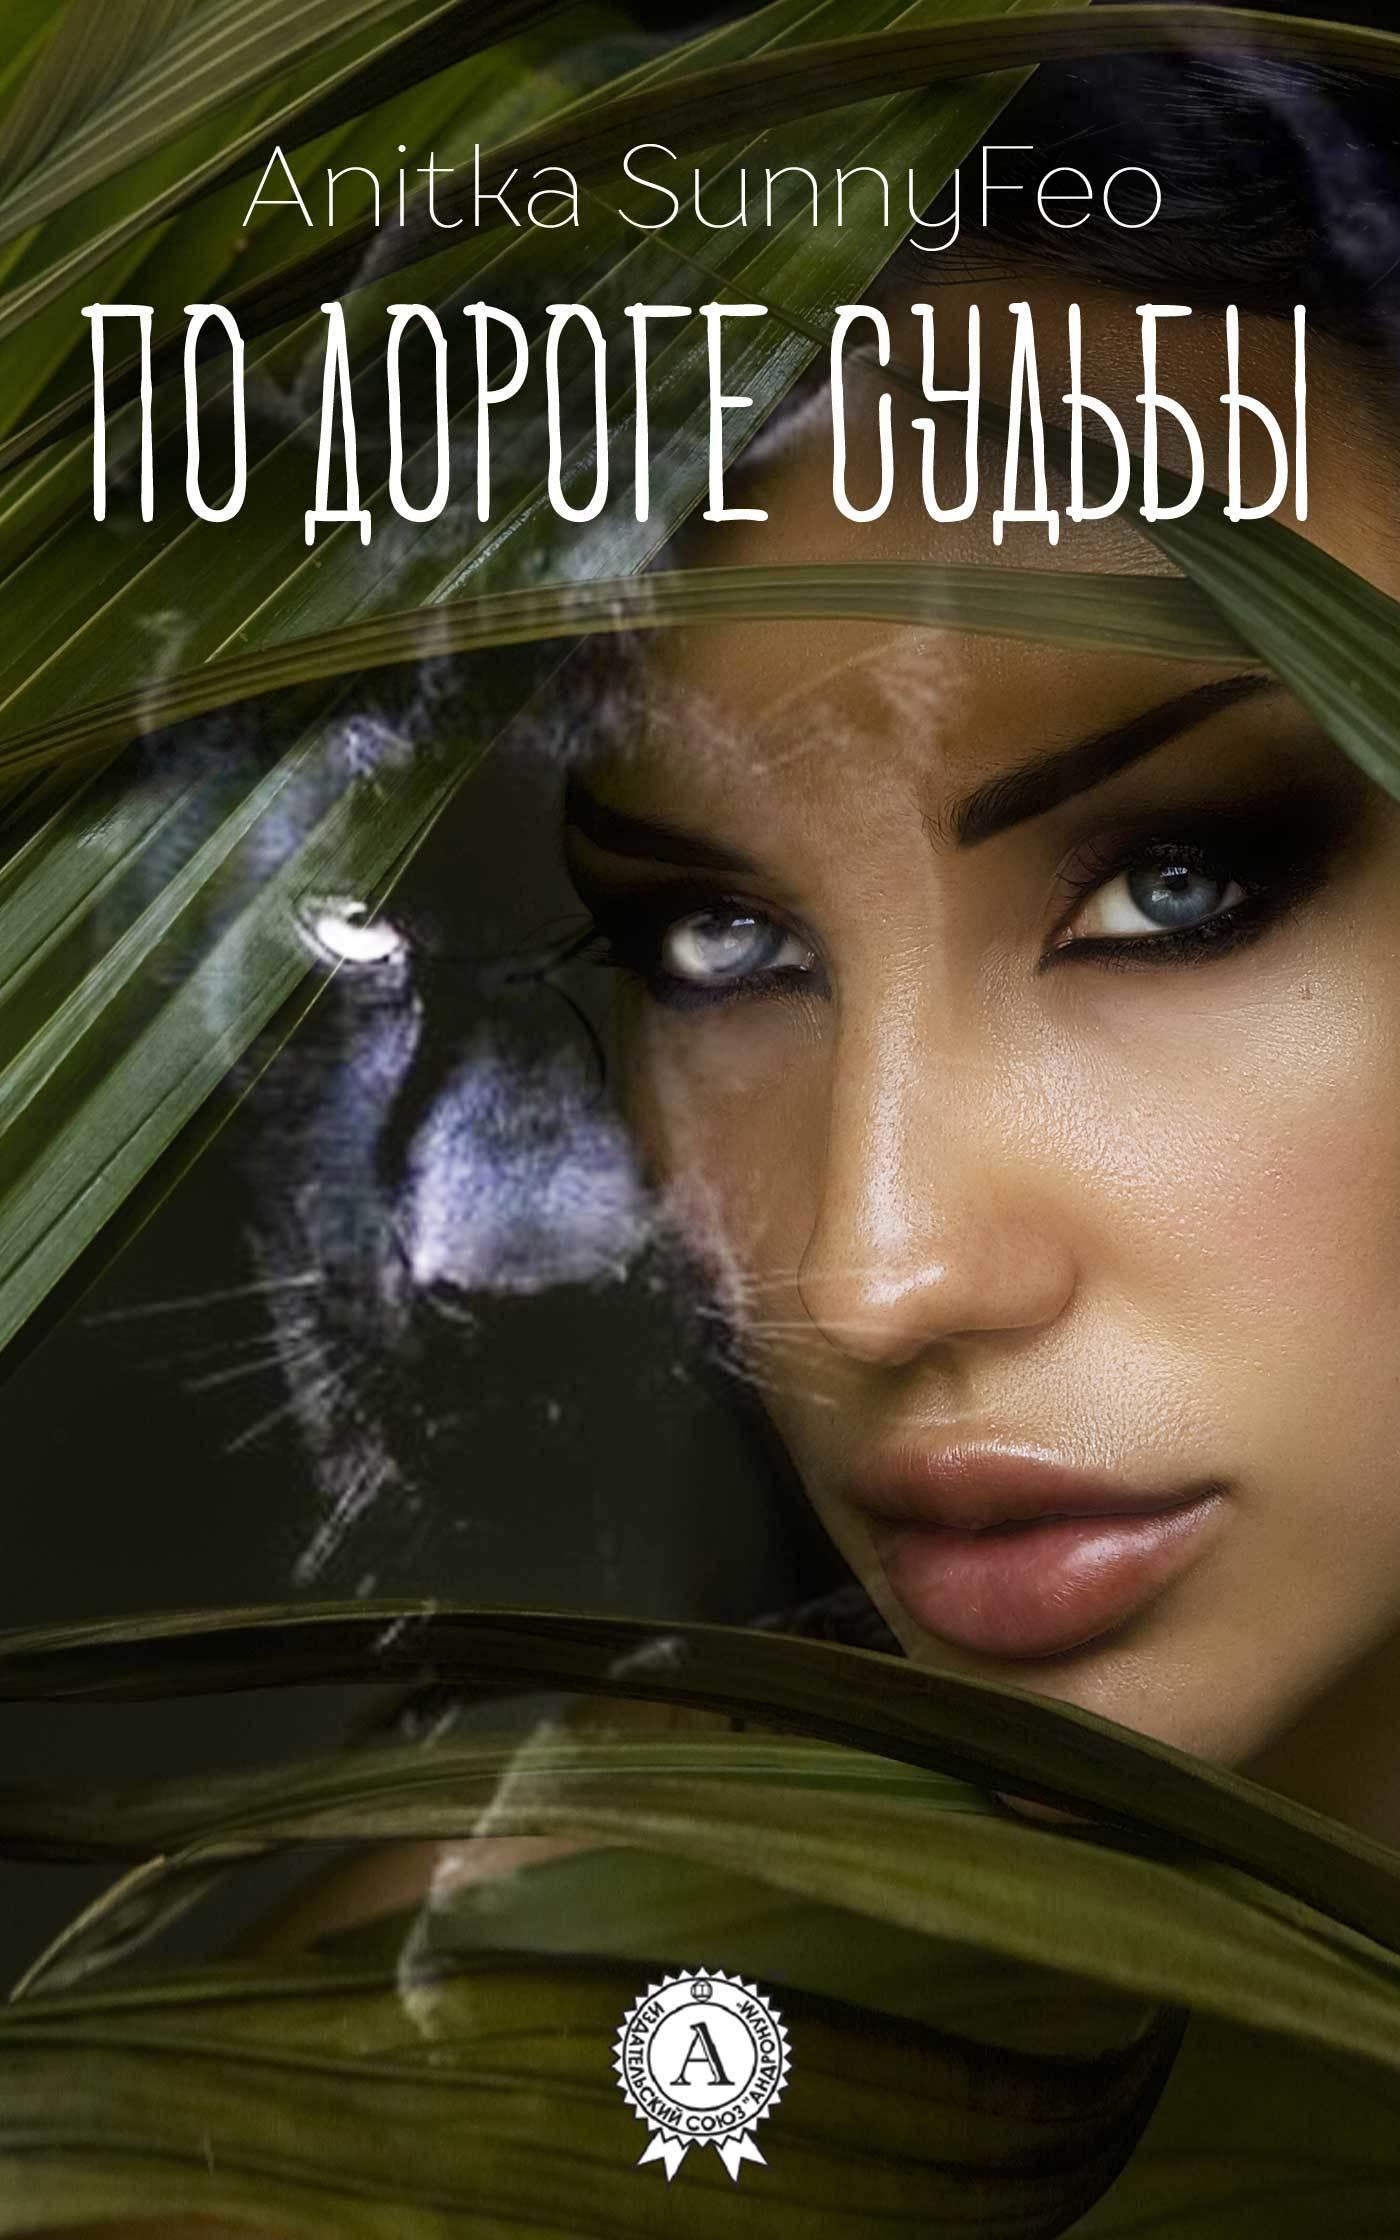 Обложка книги По дороге Судьбы, автор Anitka SunnyFeo